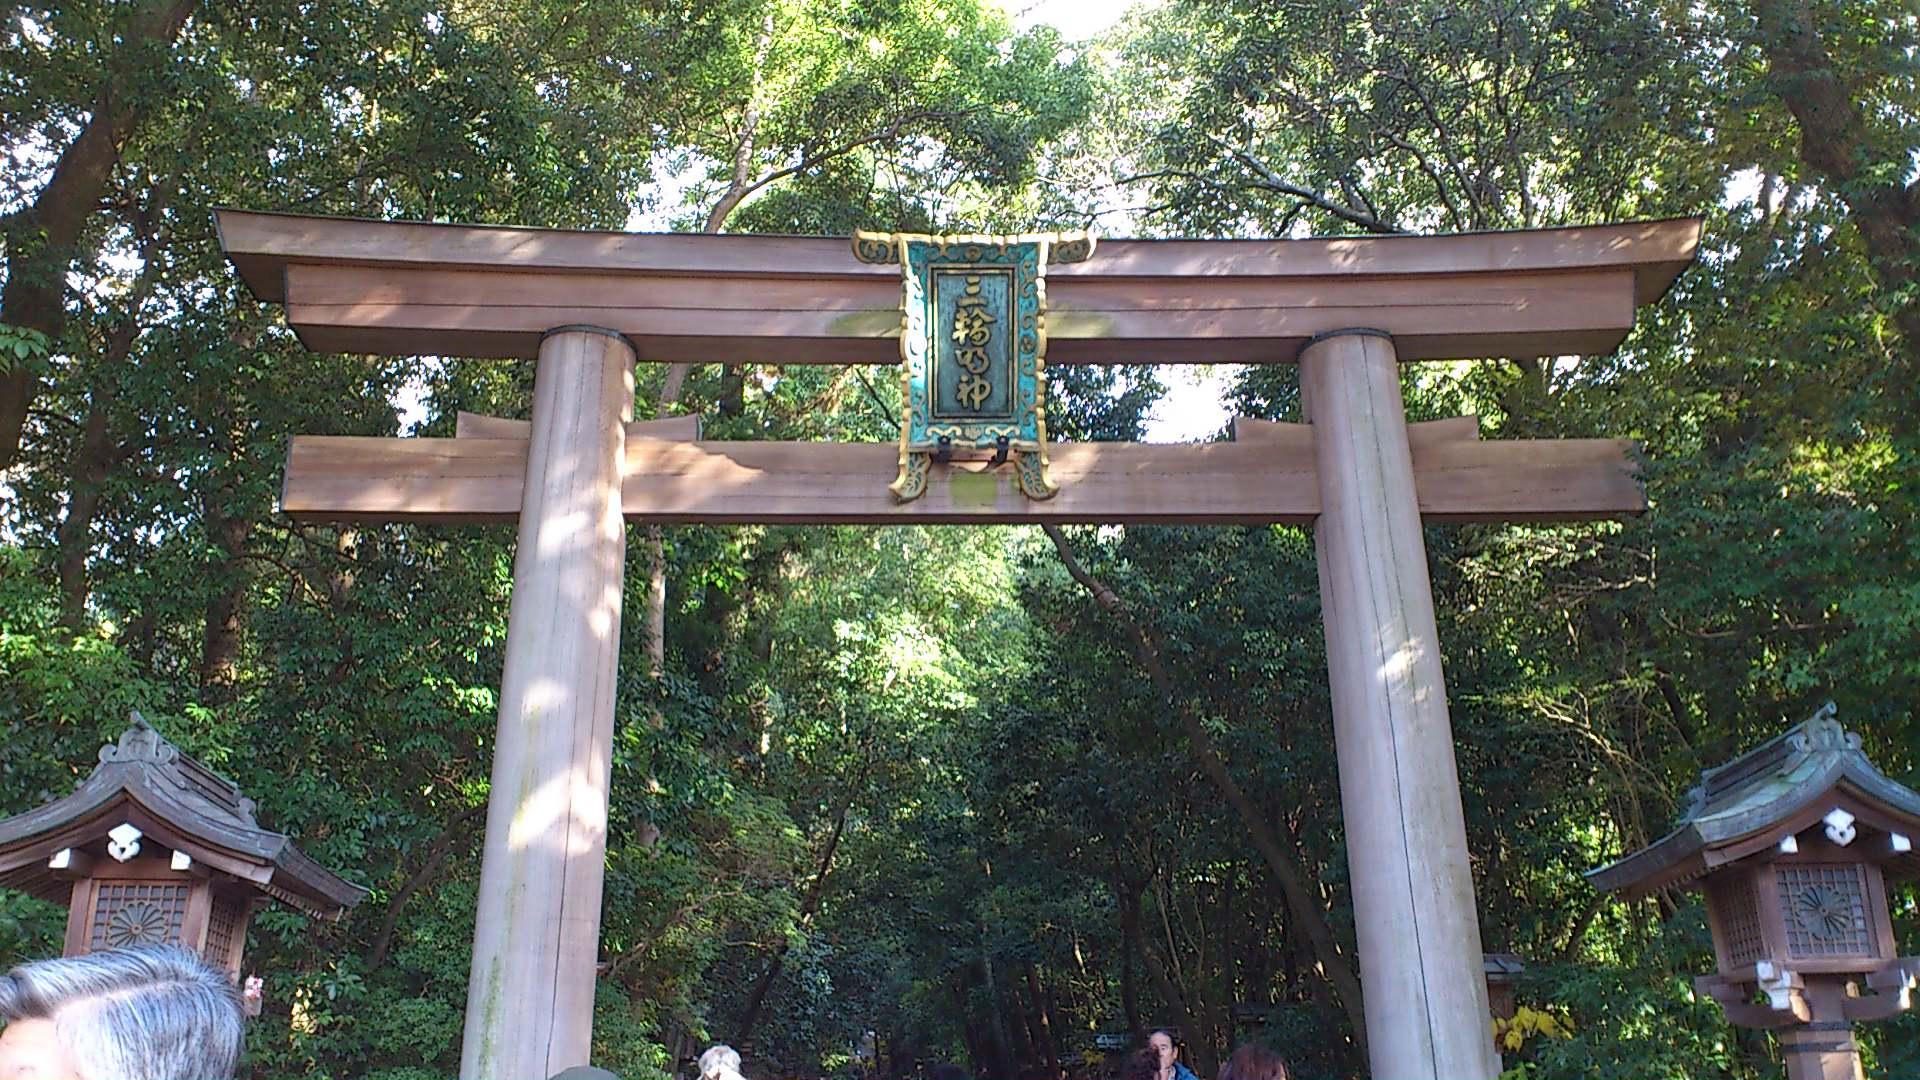 奈良県桜井市探訪・大神神社は、妹背山婦人庭訓道行恋おだまきの舞台です。